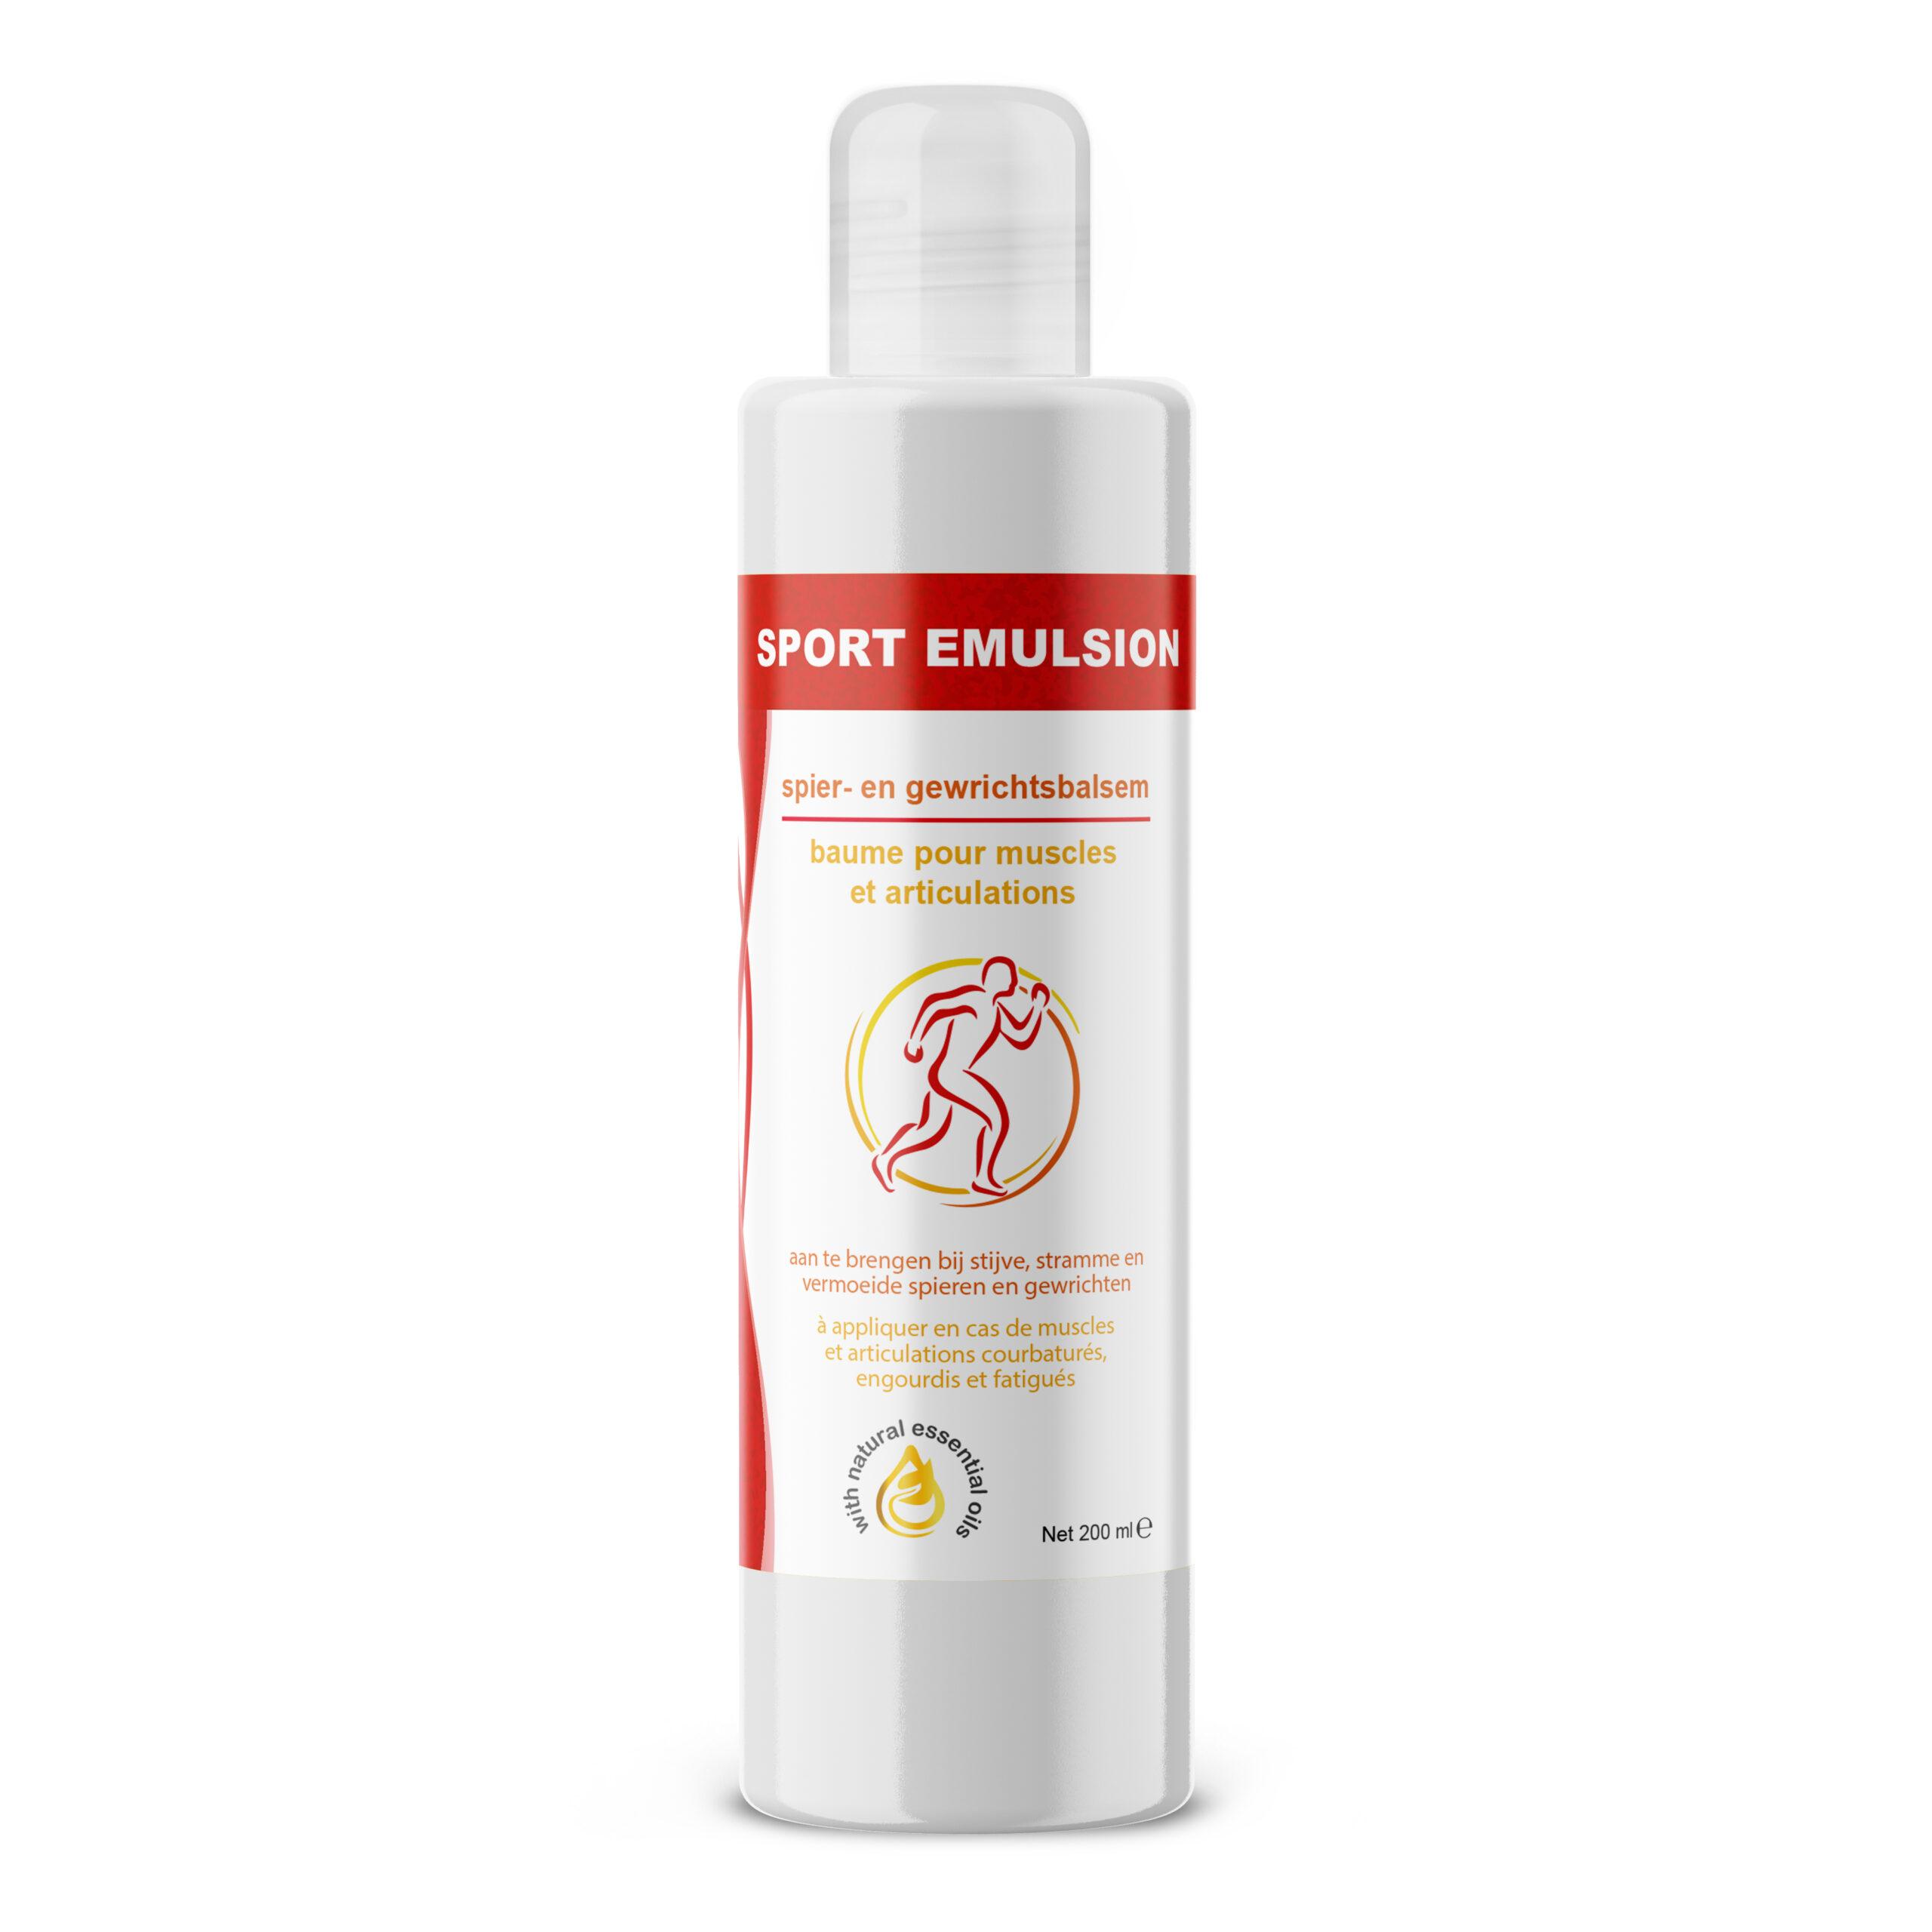 Sport Emulsion